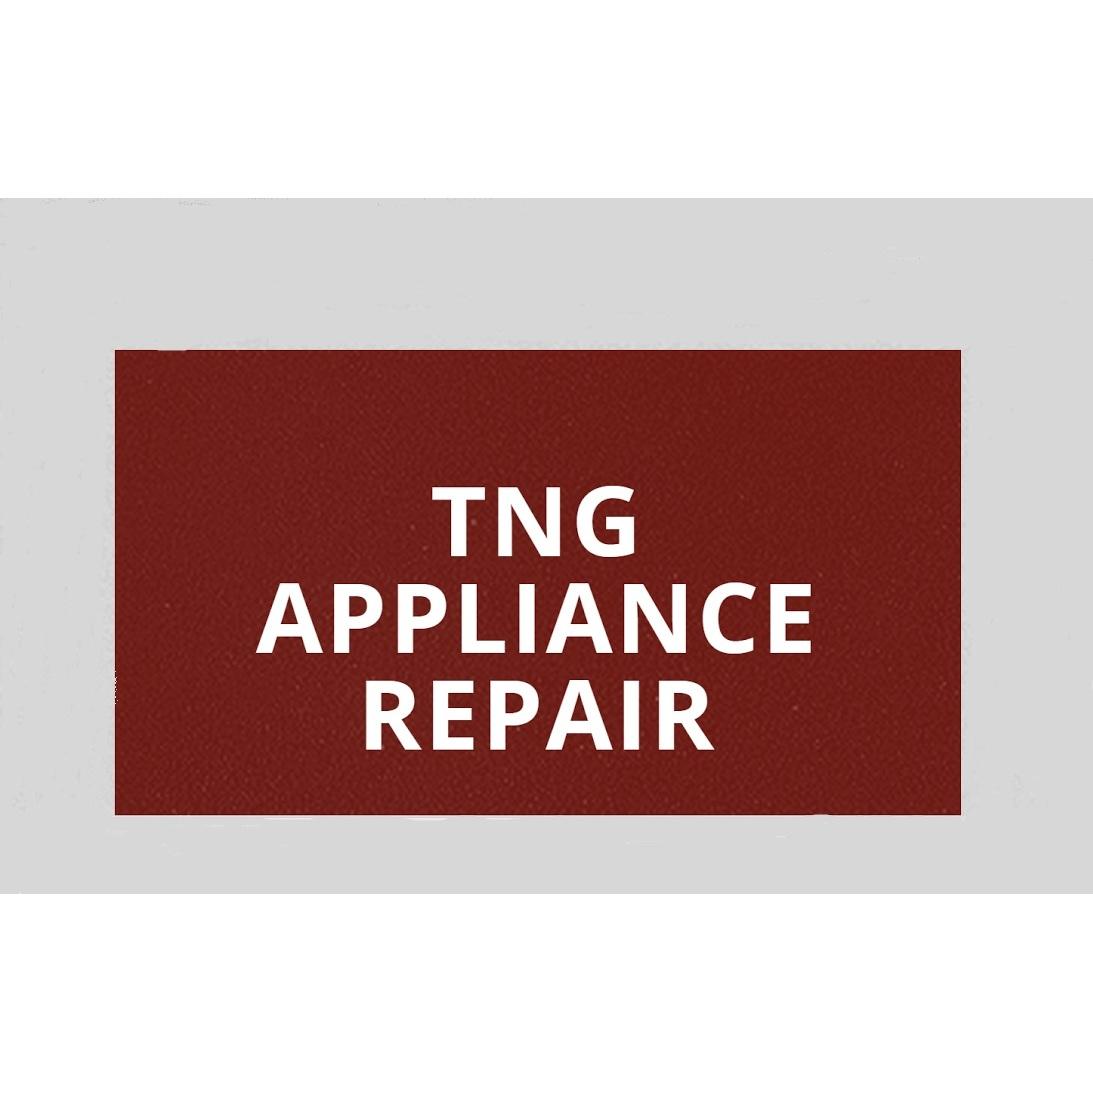 T N G Appliance